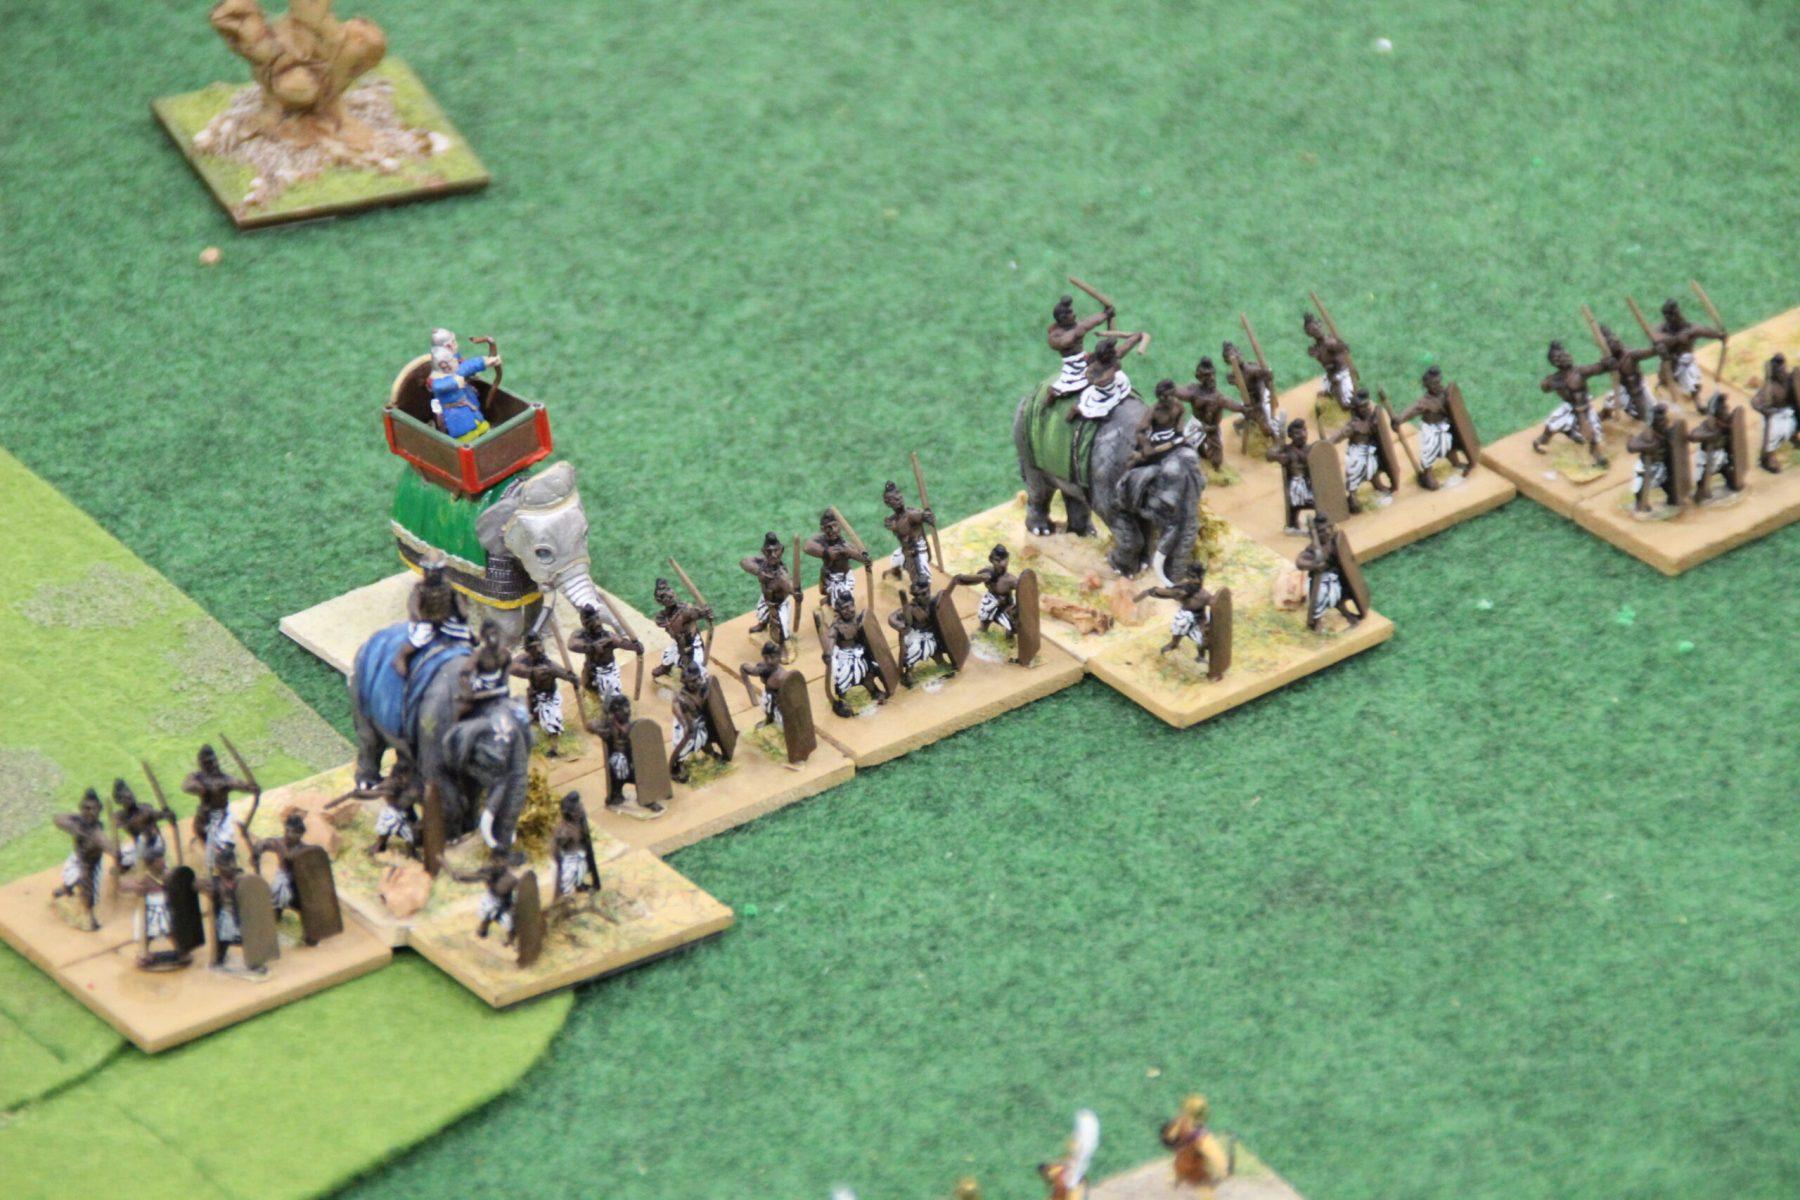 Les éléphants sont soutenus par des fantassins moyens mixtes archers.